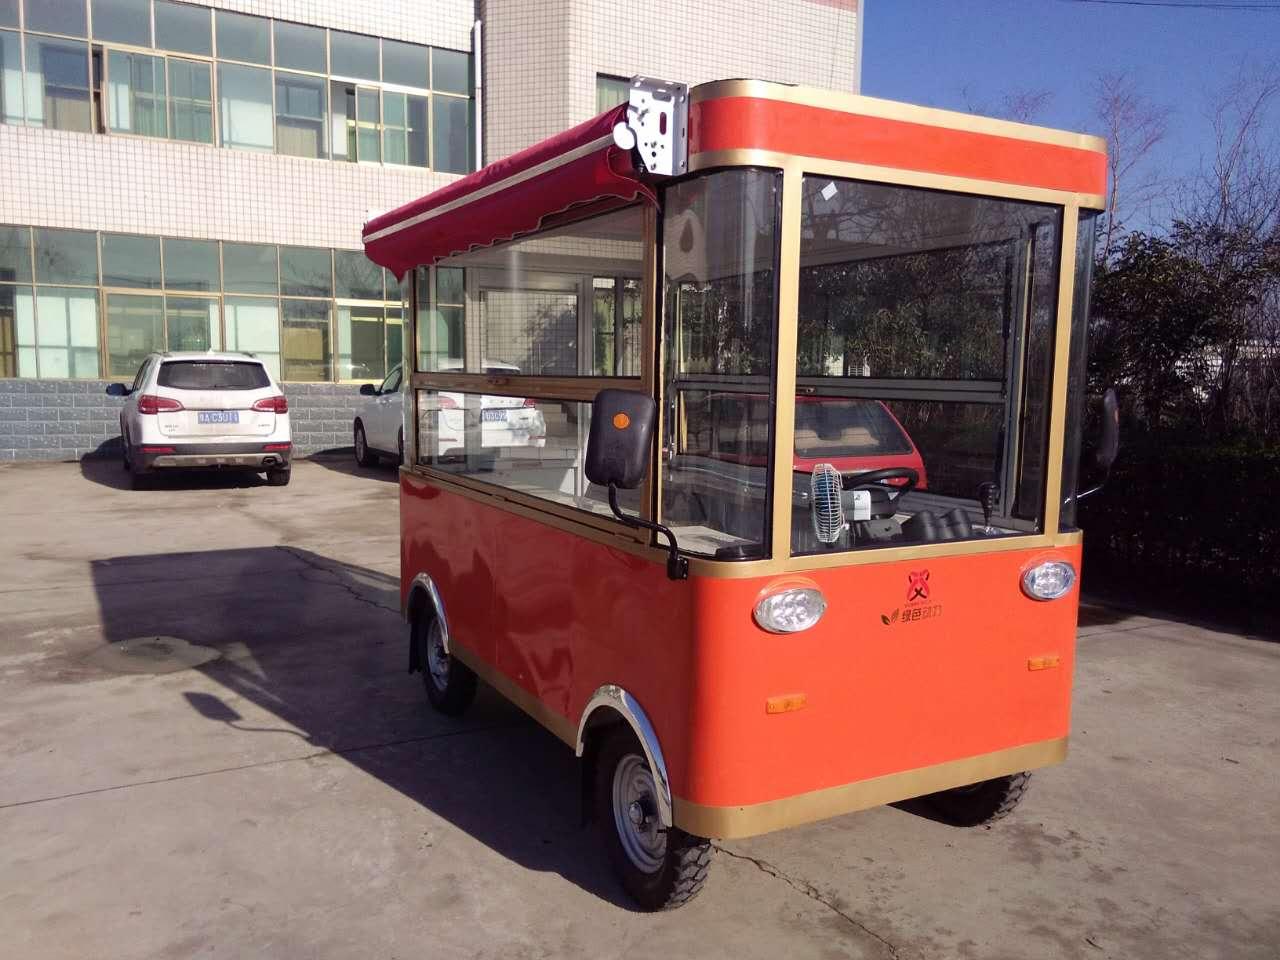 加盟茶饮费车多少 鸡排加盟车哪家好  奶茶车加盟店连锁